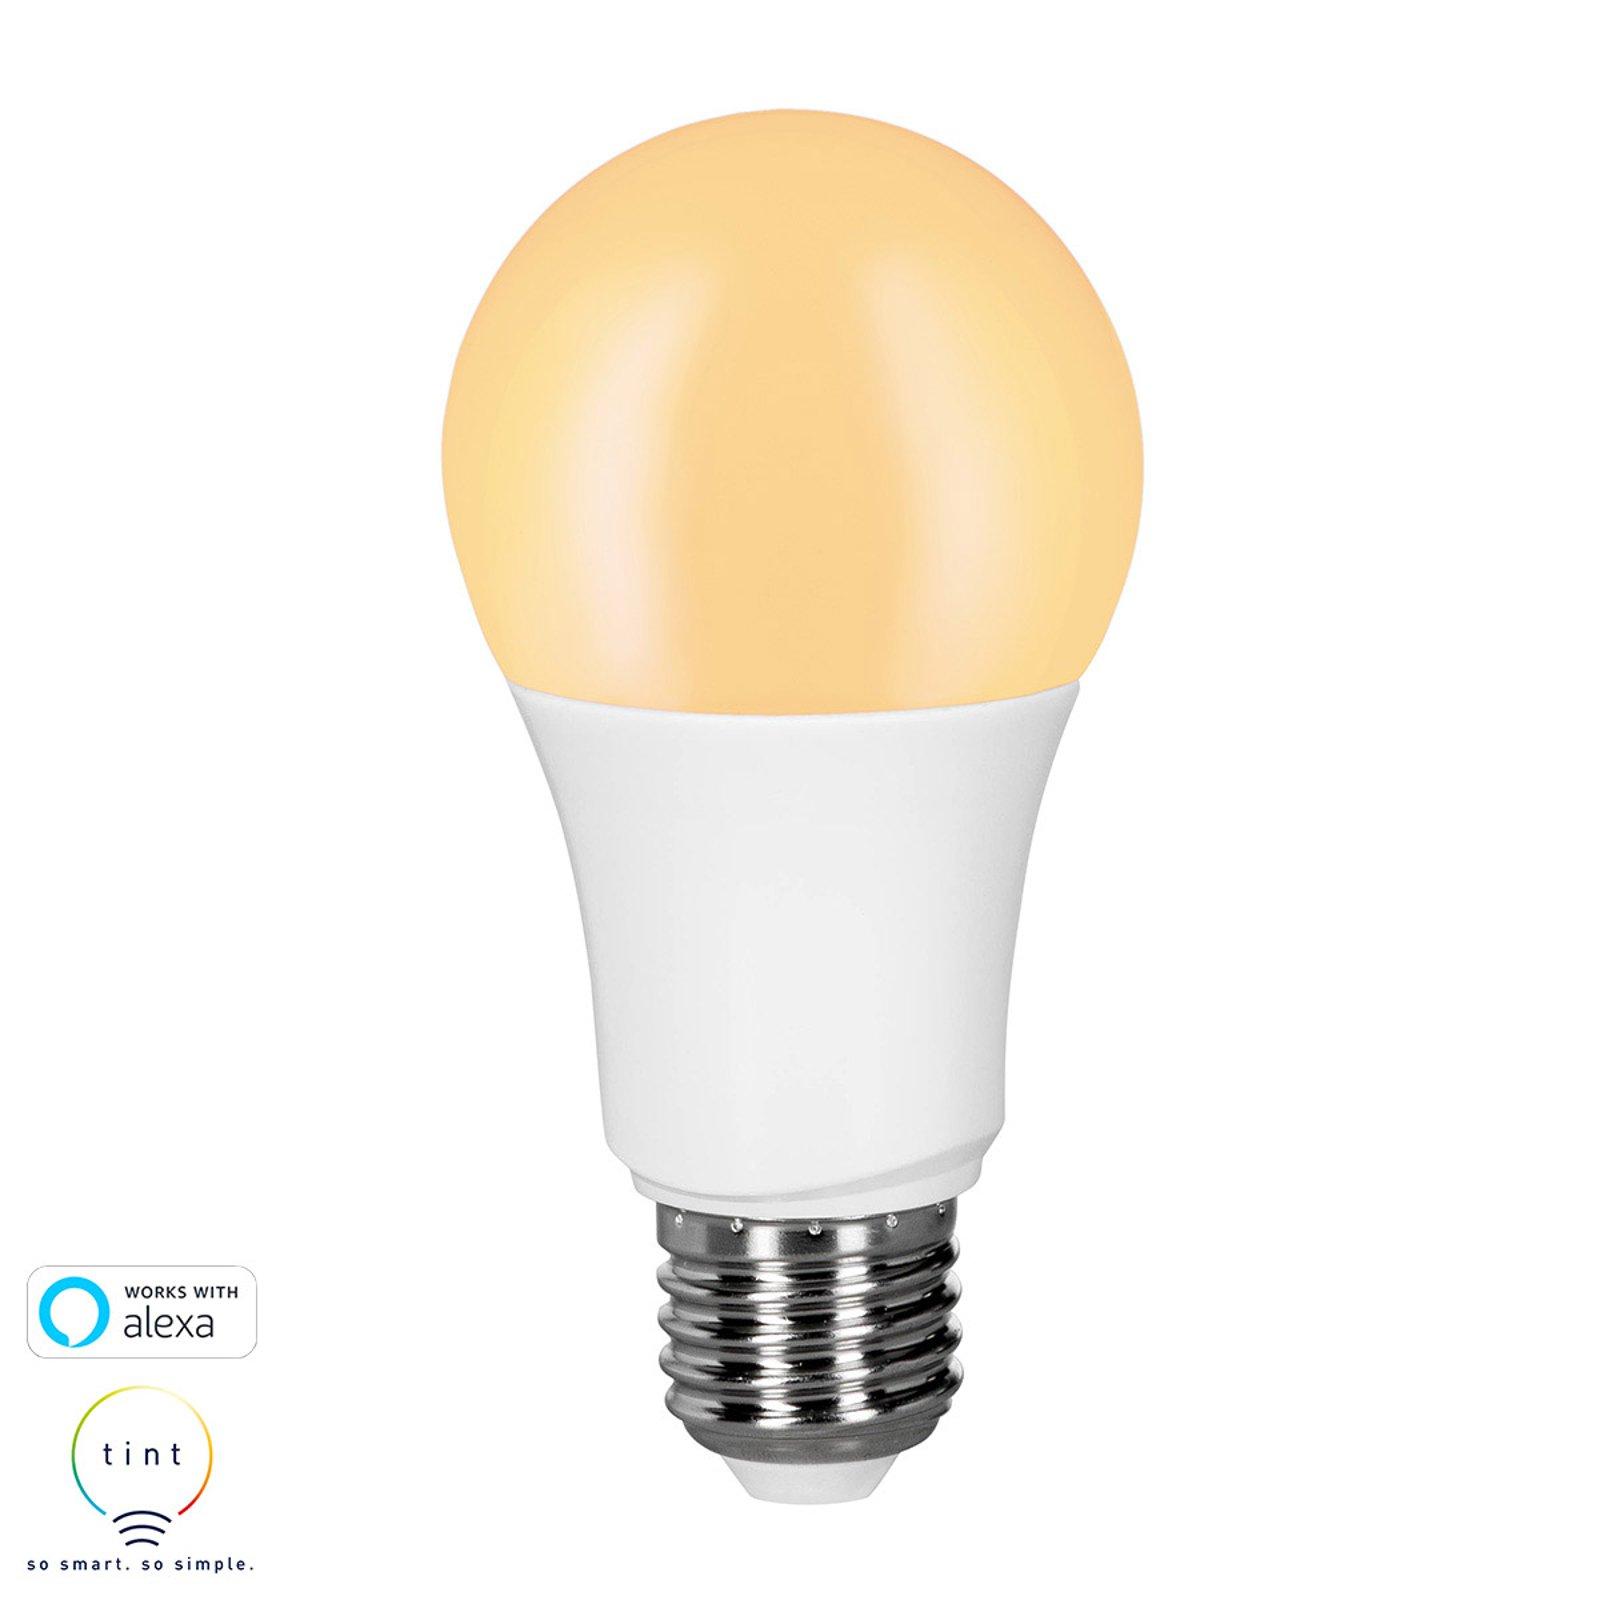 Müller Licht tint dimming LED-pære E27, 9W 2 700K